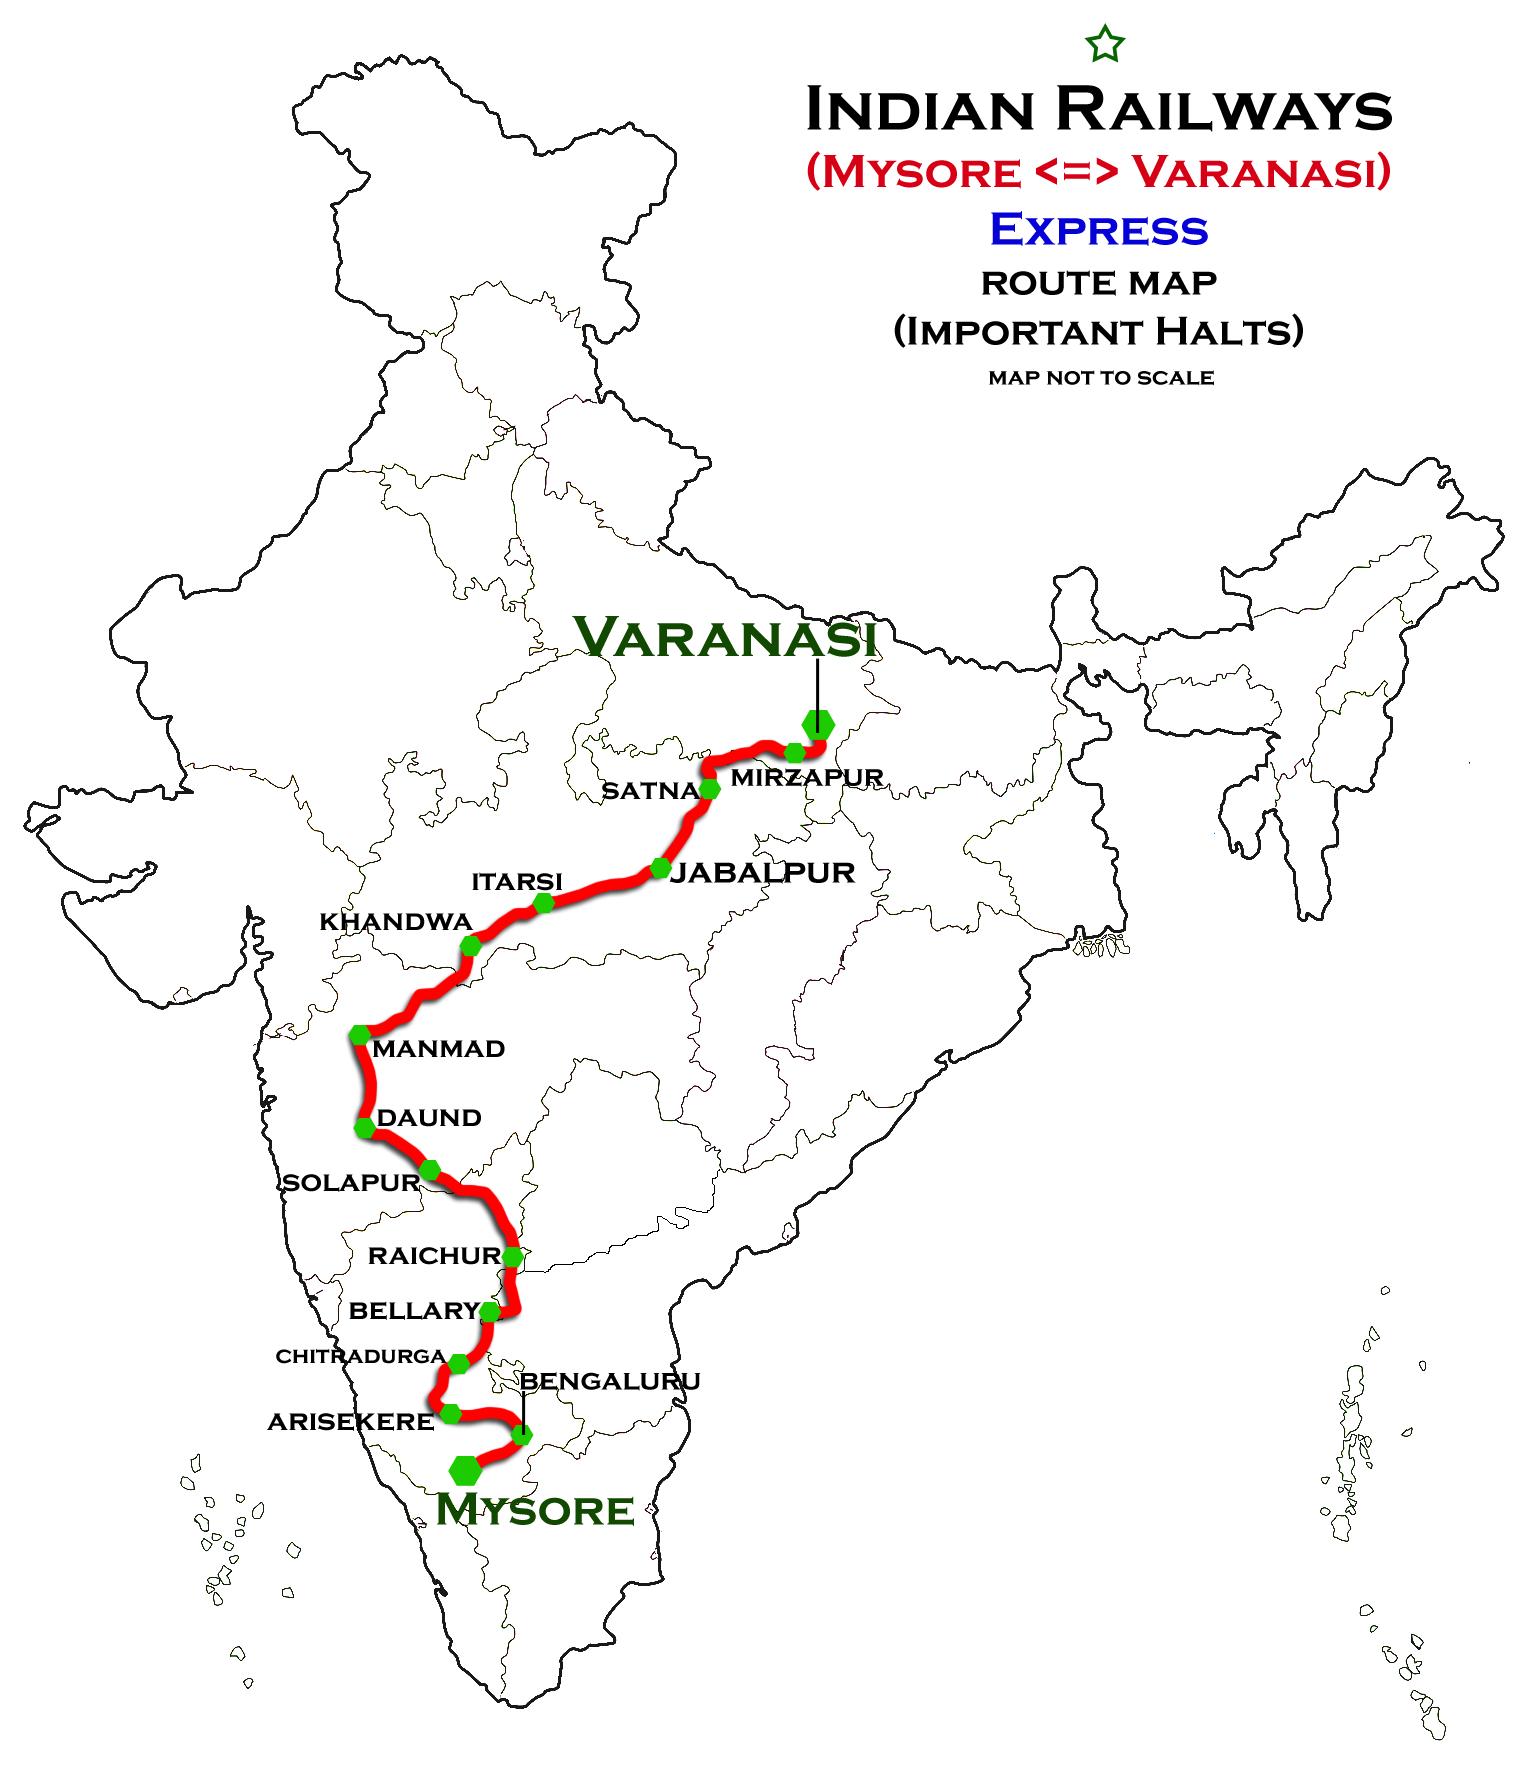 Mysore - Varanasi Express - Wikipedia